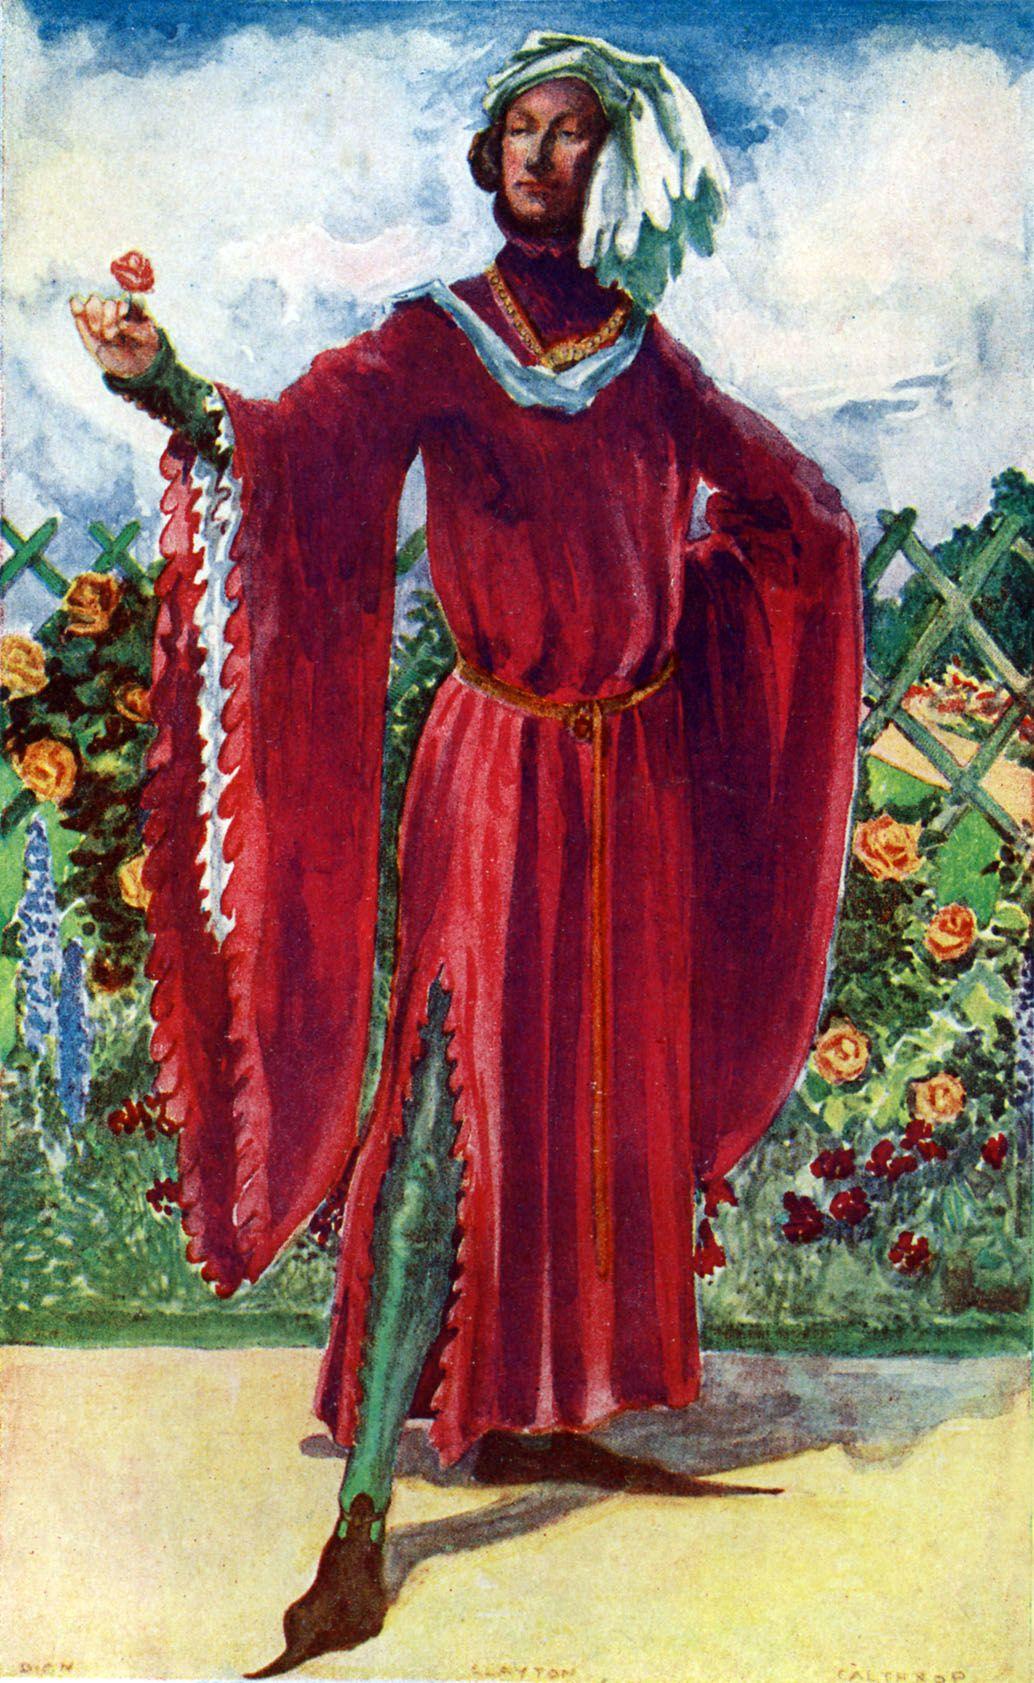 14. századi férfi viselet rajza, melyet Dion Clayton Calthrop készített.